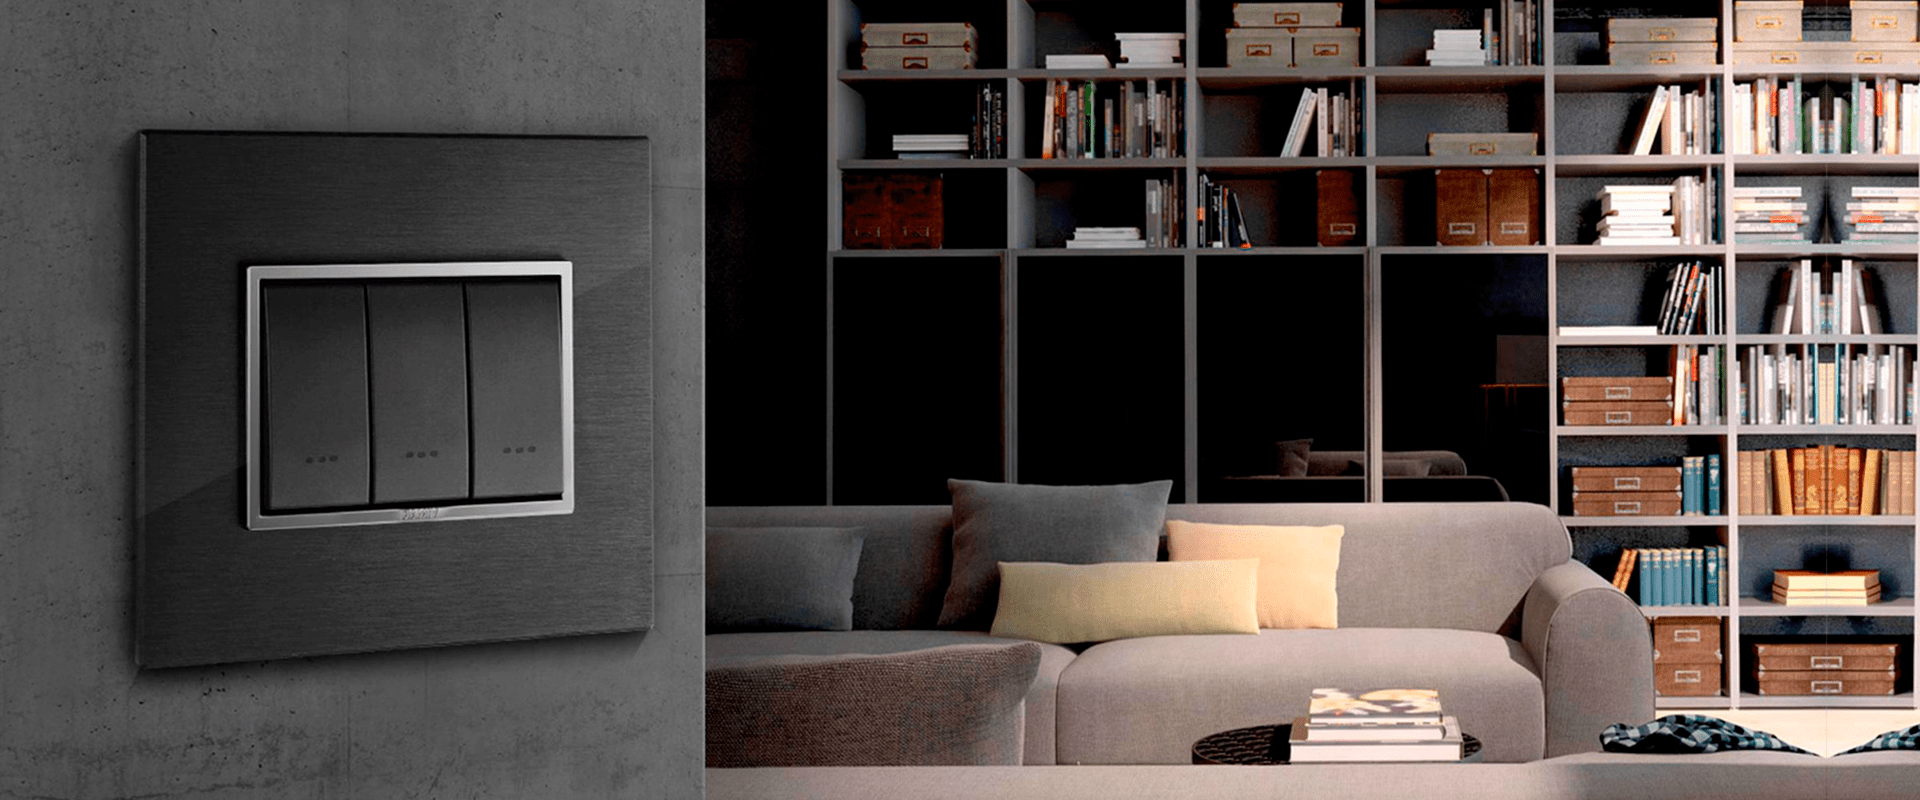 Transforma tu hogar con placas y contactos